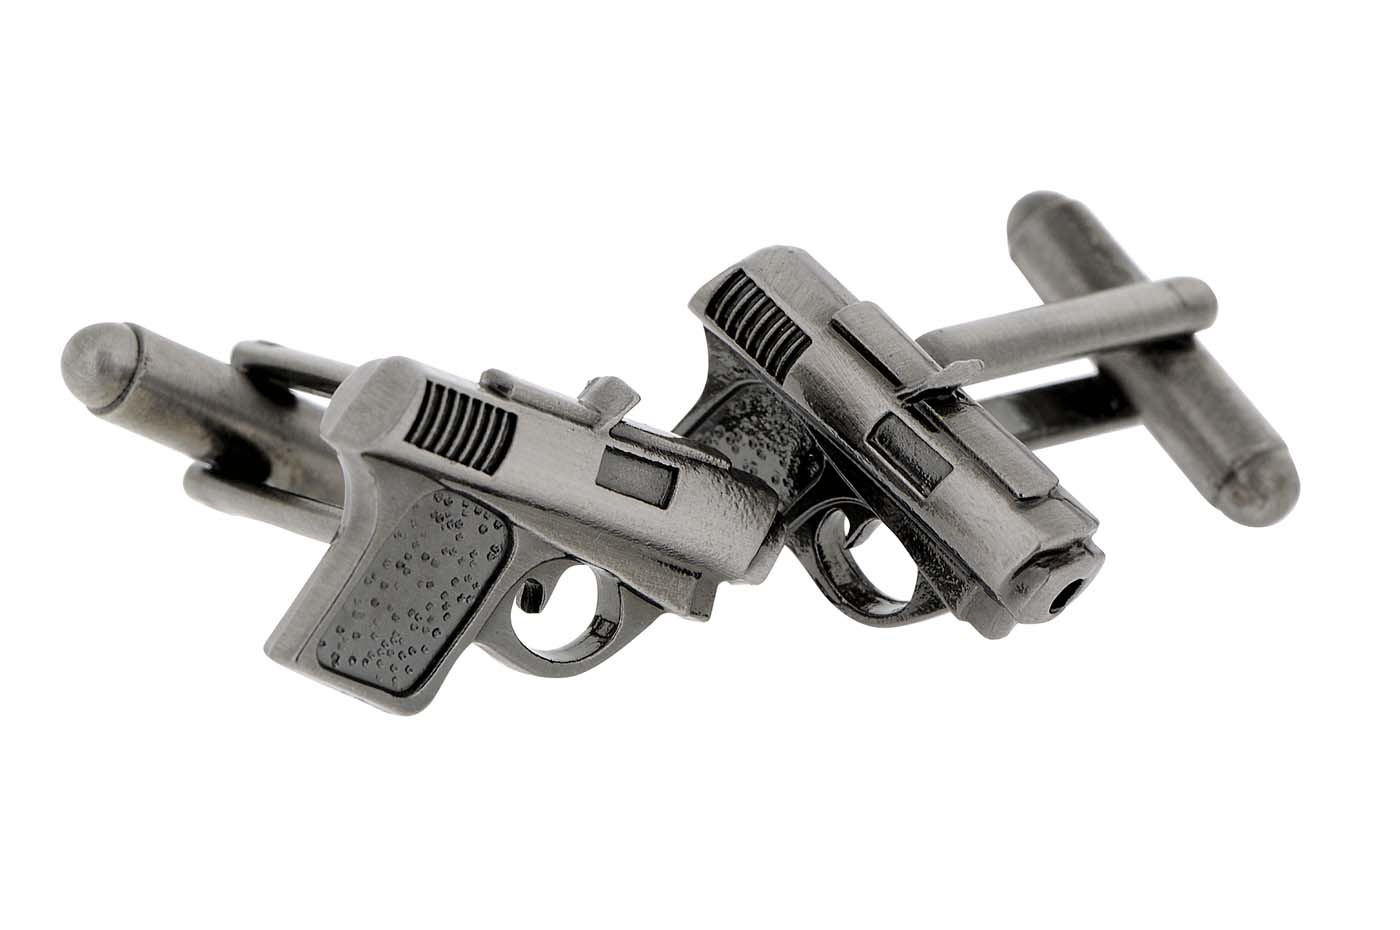 Cufflinks-Novelty-Guns_1